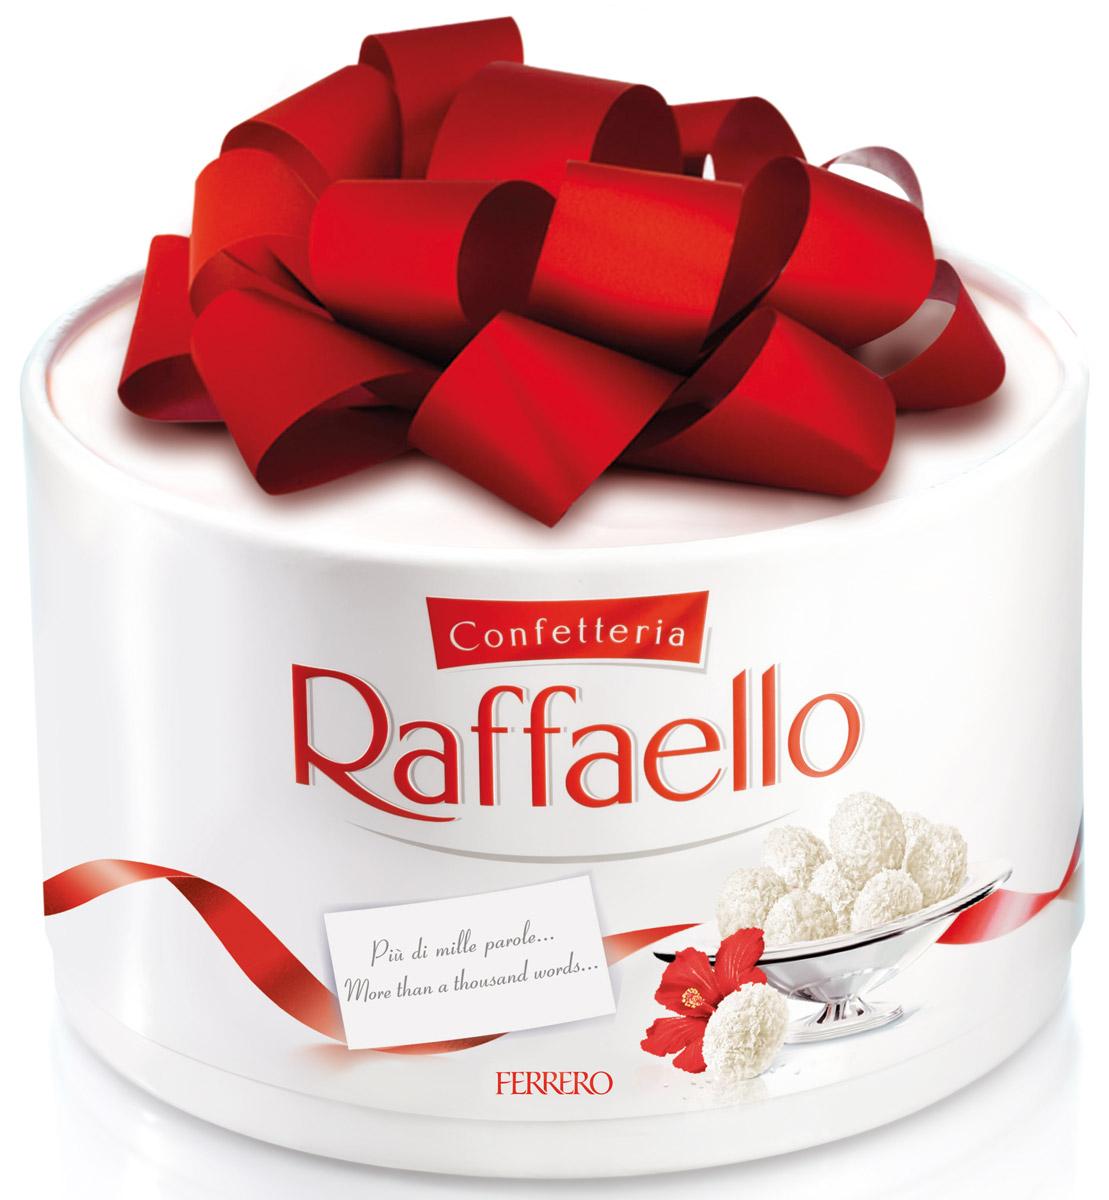 Raffaello конфеты с цельным миндальным орехом в кокосовой обсыпке, 200 г0120710Конфеты Рафаэлло с цельным миндальным орехом в кокосовой обсыпке.